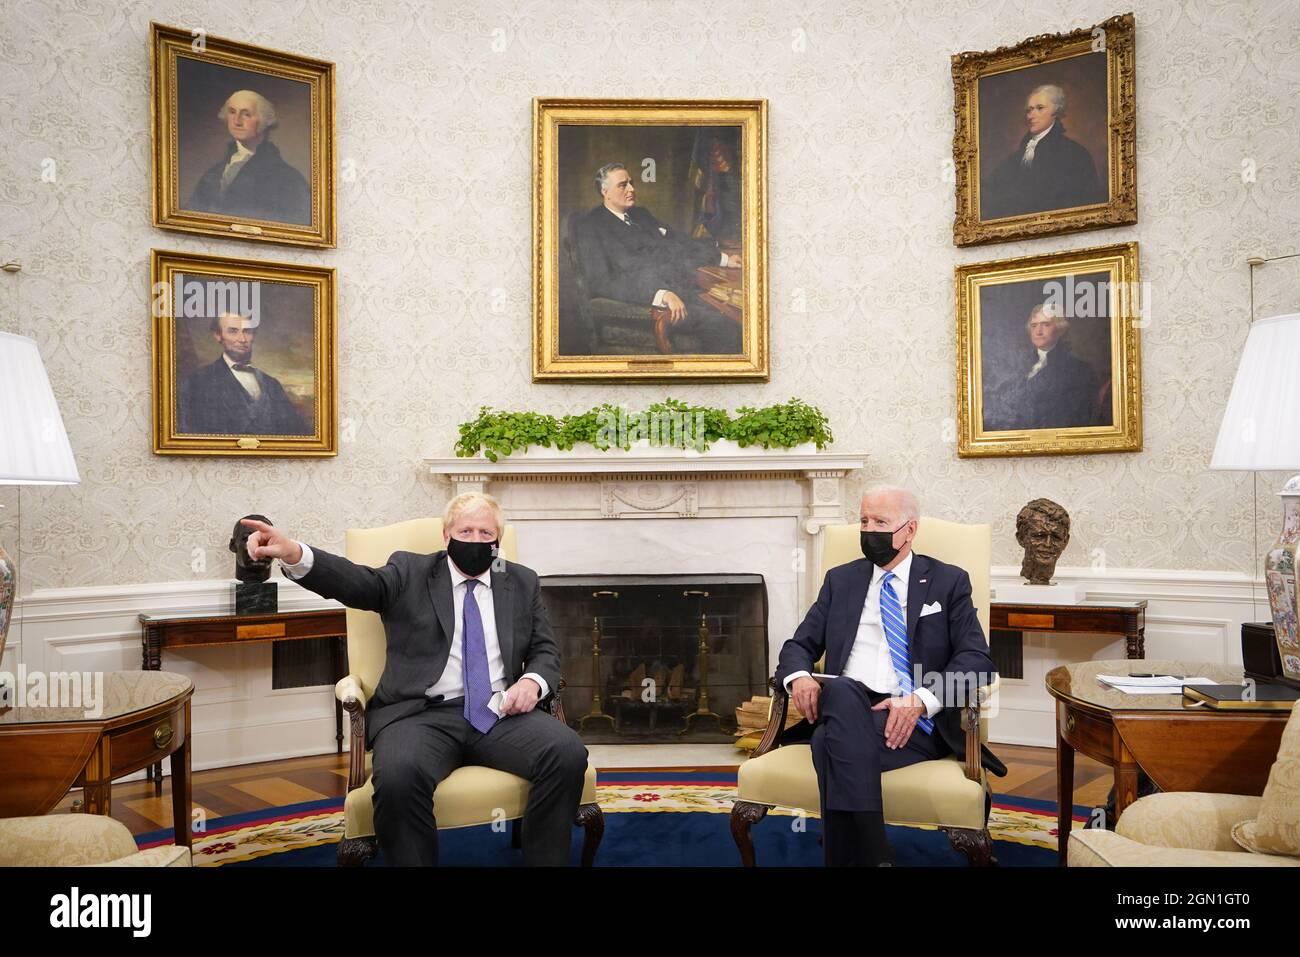 Premierminister Boris Johnson trifft US-Präsident Joe Biden im Oval Office des Weißen Hauses, Washington DC, während seines Besuchs in den Vereinigten Staaten zur Generalversammlung der Vereinten Nationen. Bilddatum: Dienstag, 21. September 2021. Stockfoto